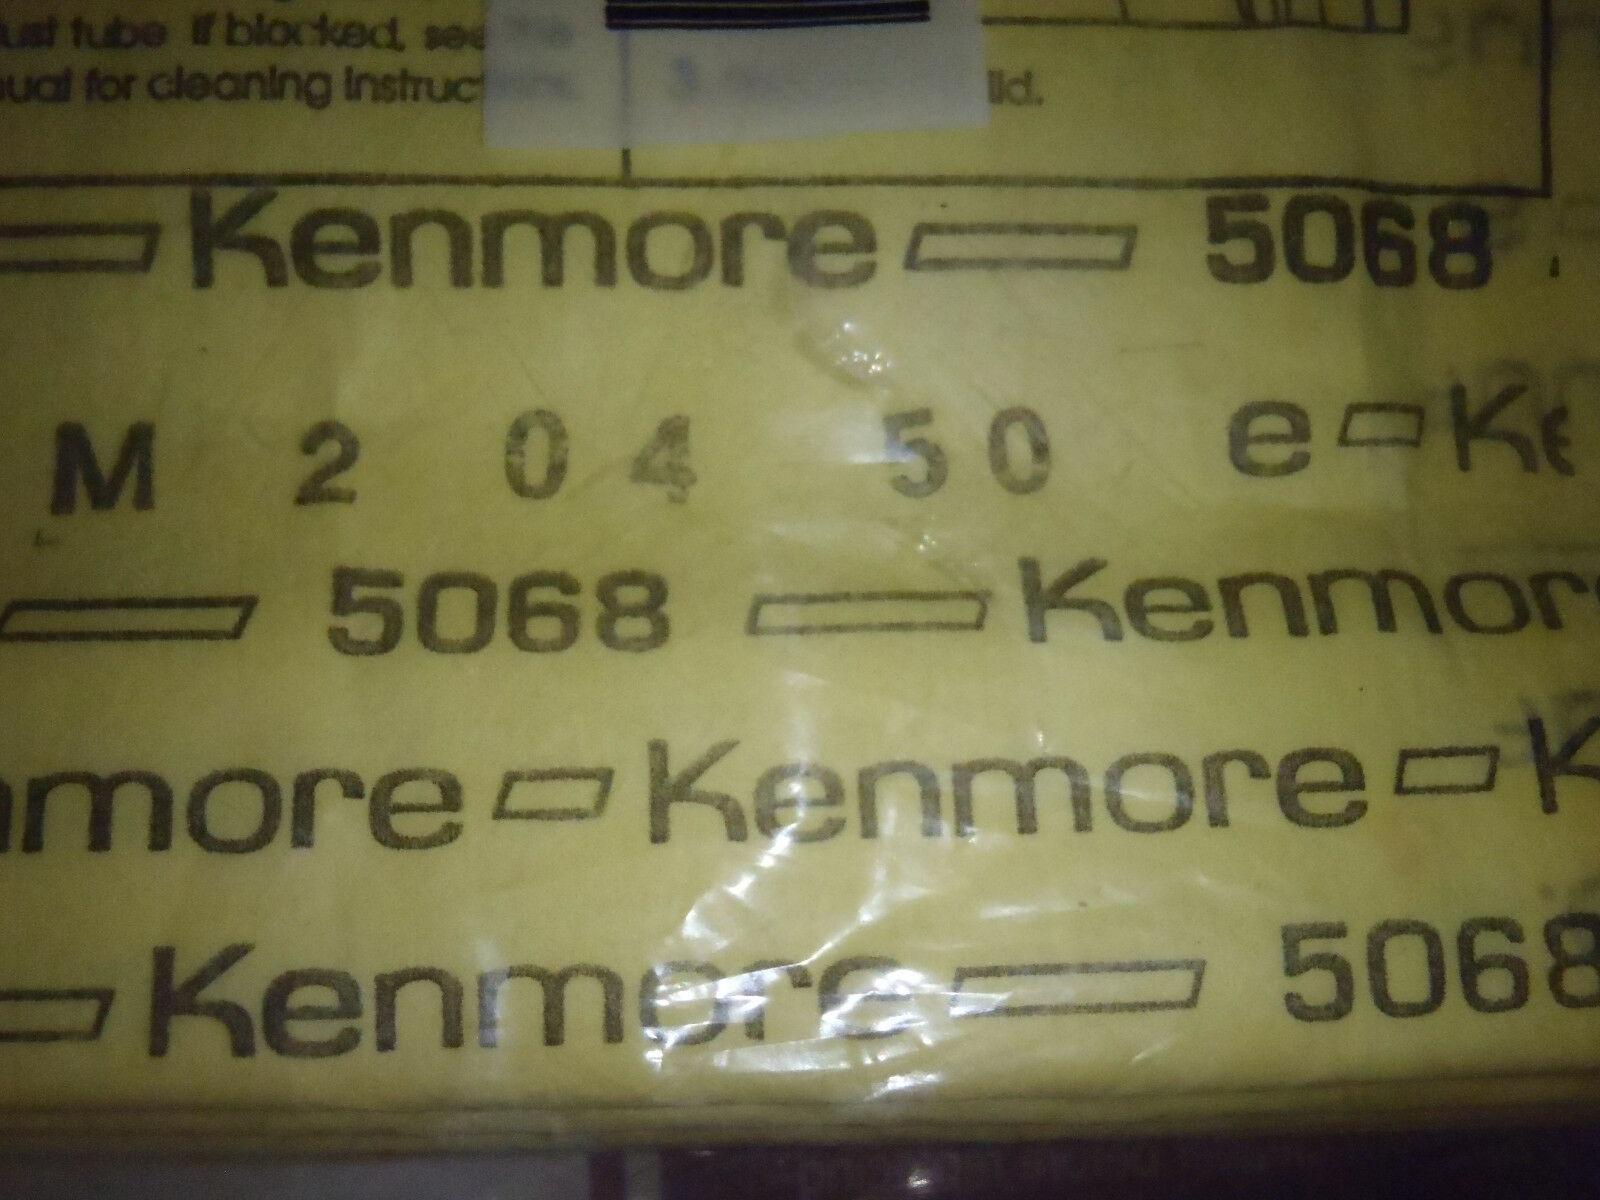 8 NEW ORIGINAL SEARS KENMORE VACUUM CLEANER BAGS 20-50688 image 4